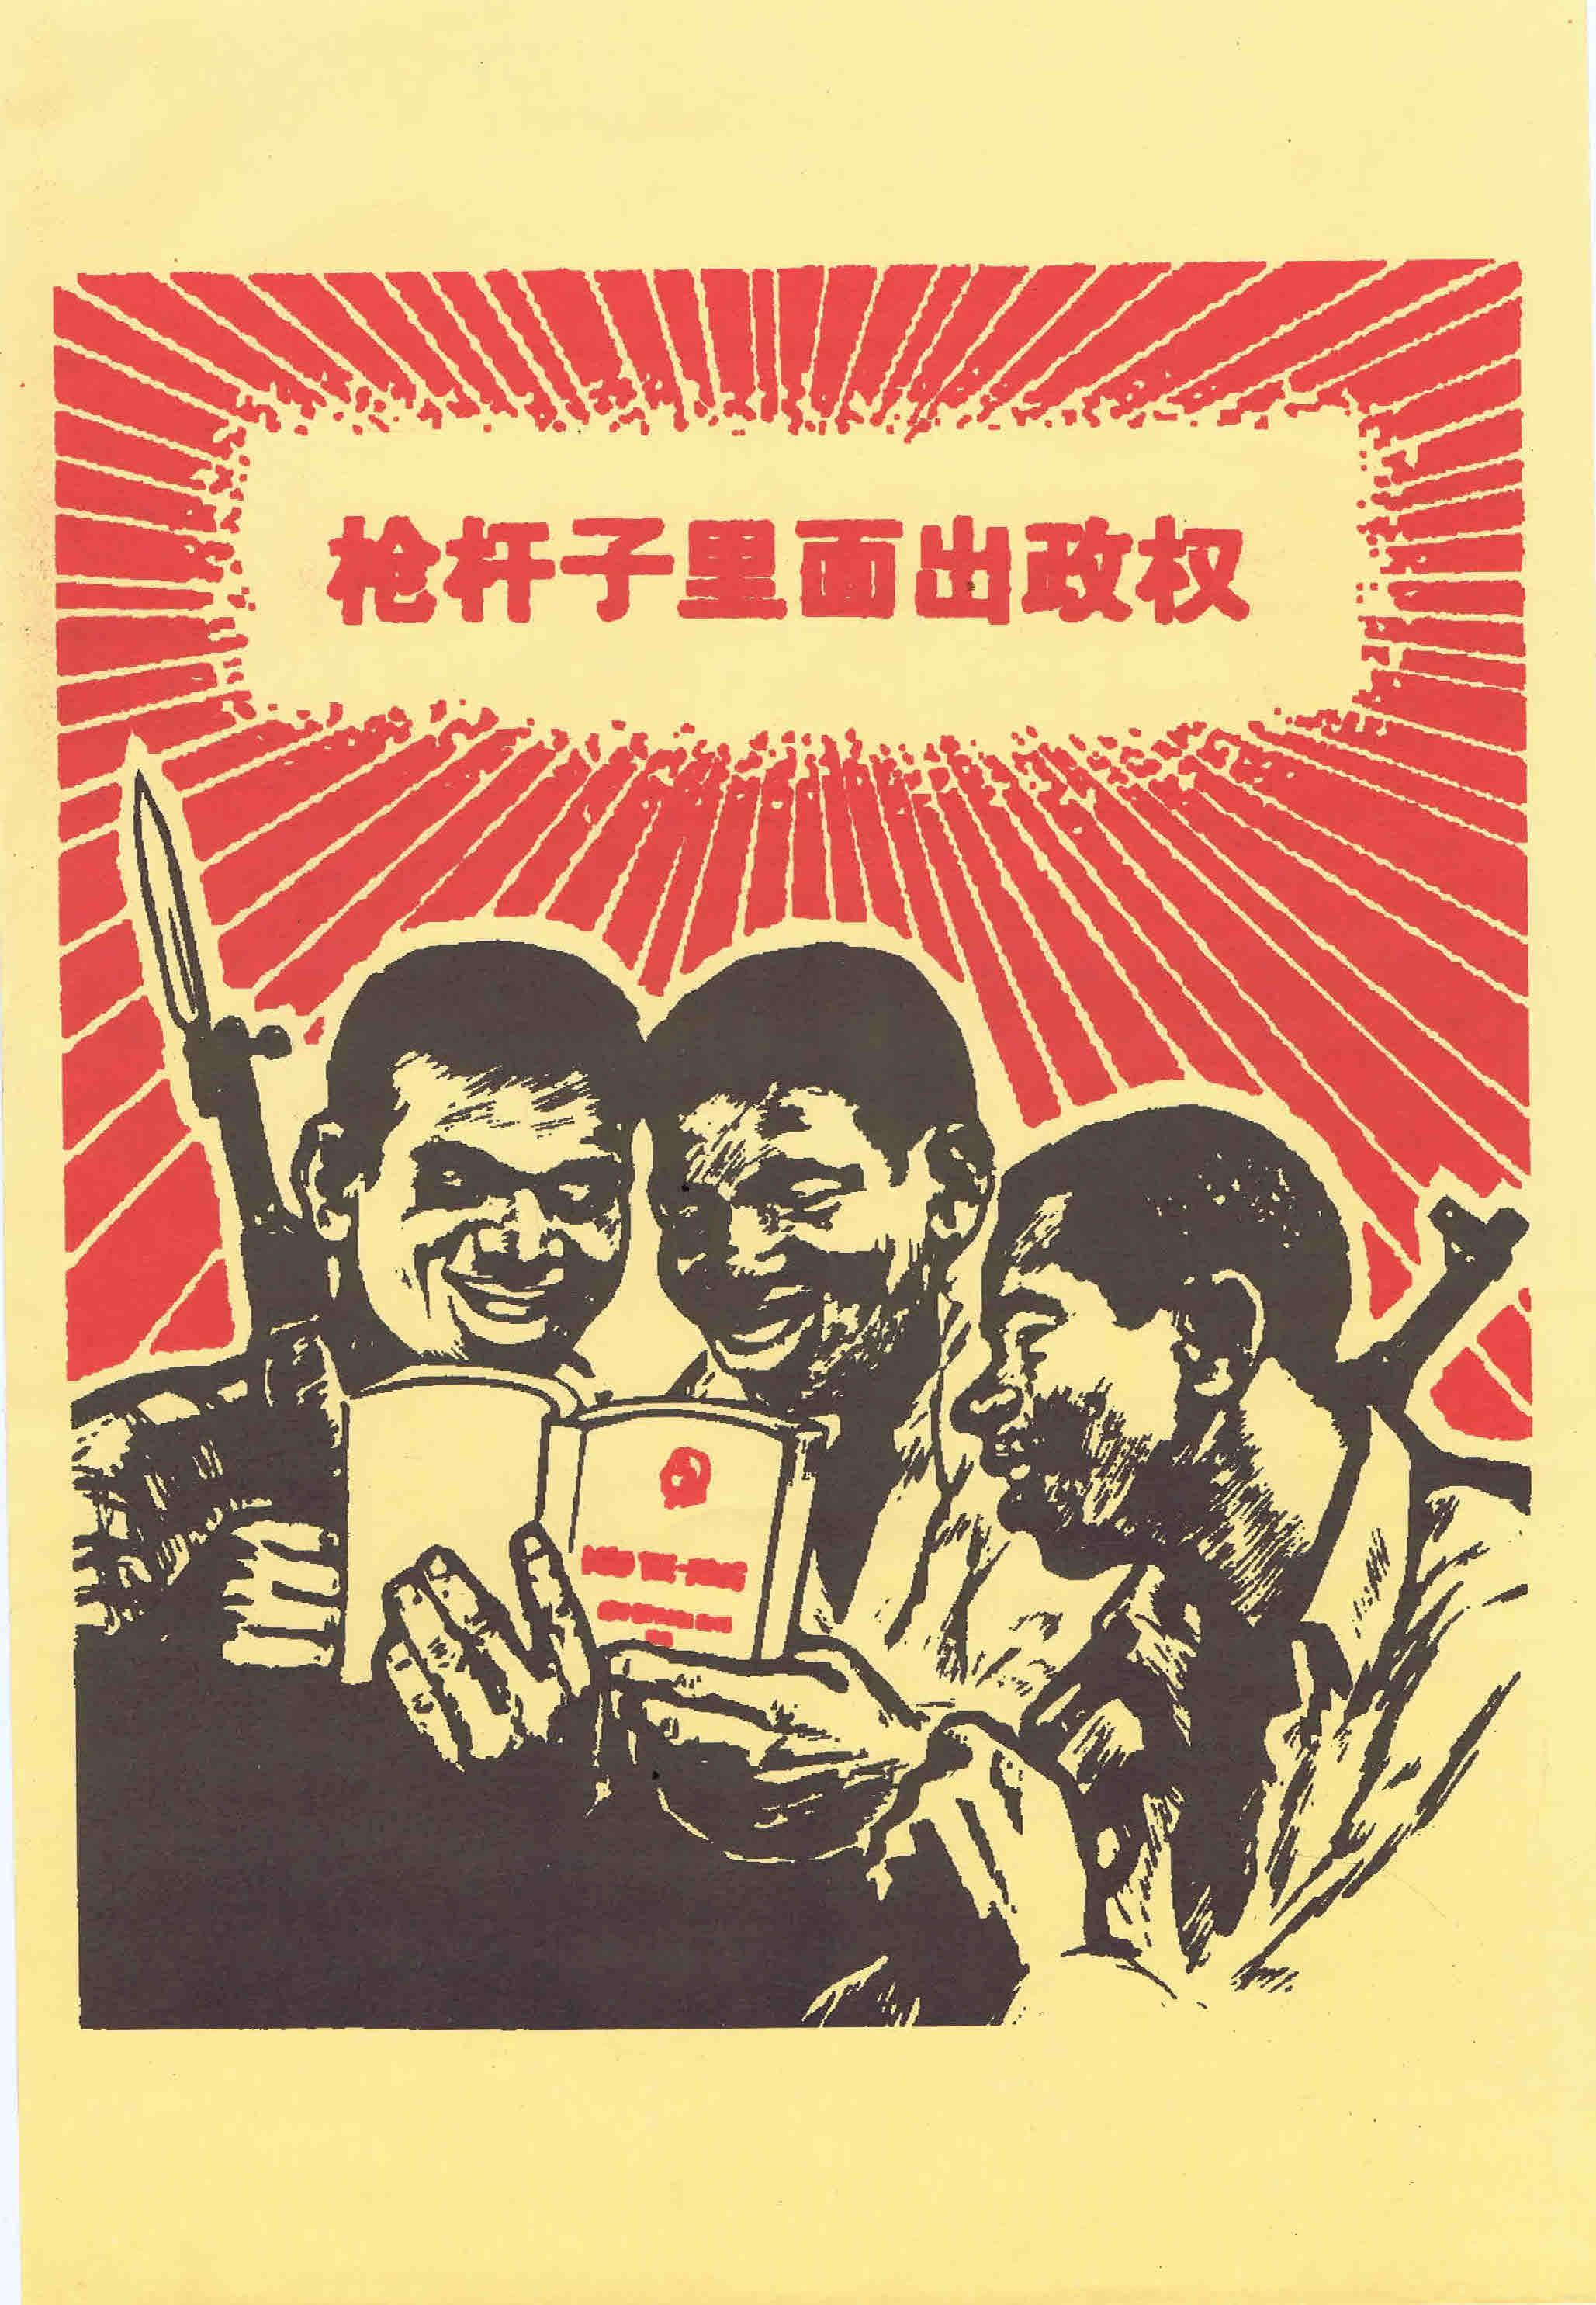 9fbb6242688 CHINA – CARTAZES MAOISTAS – EPHEMERA – Biblioteca e arquivo de José Pacheco  Pereira